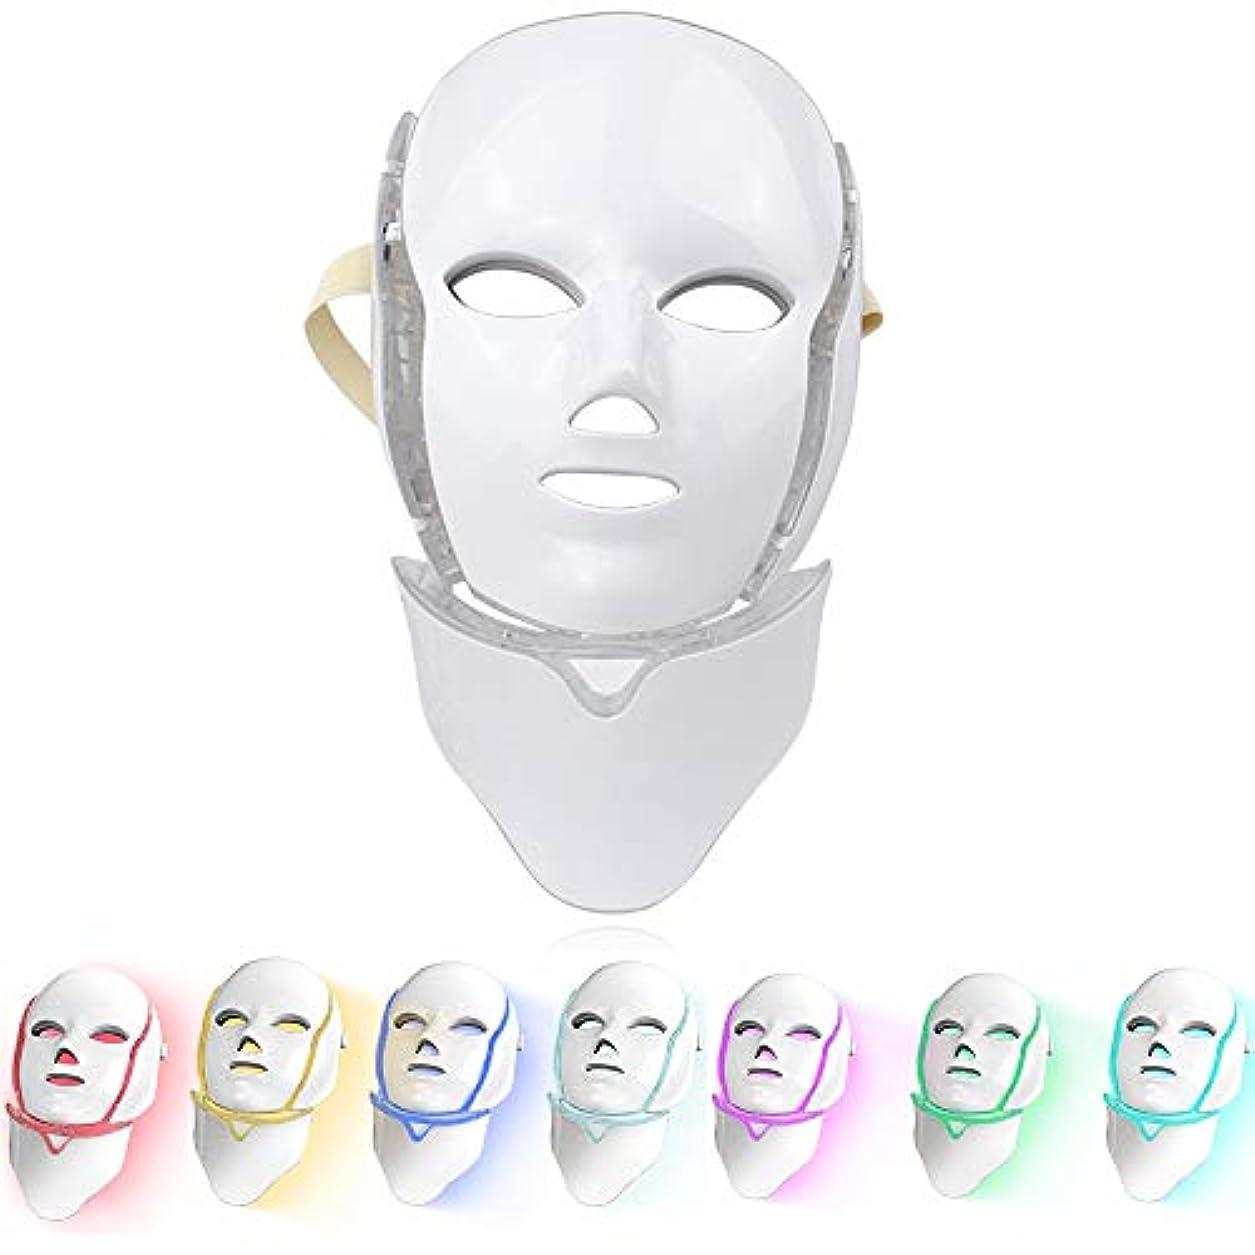 監査現象ベースLED光線療法マスク(ネック付き)7色光線治療スキンケア美容光線療法アンチエイジングアクネリンクルマスク